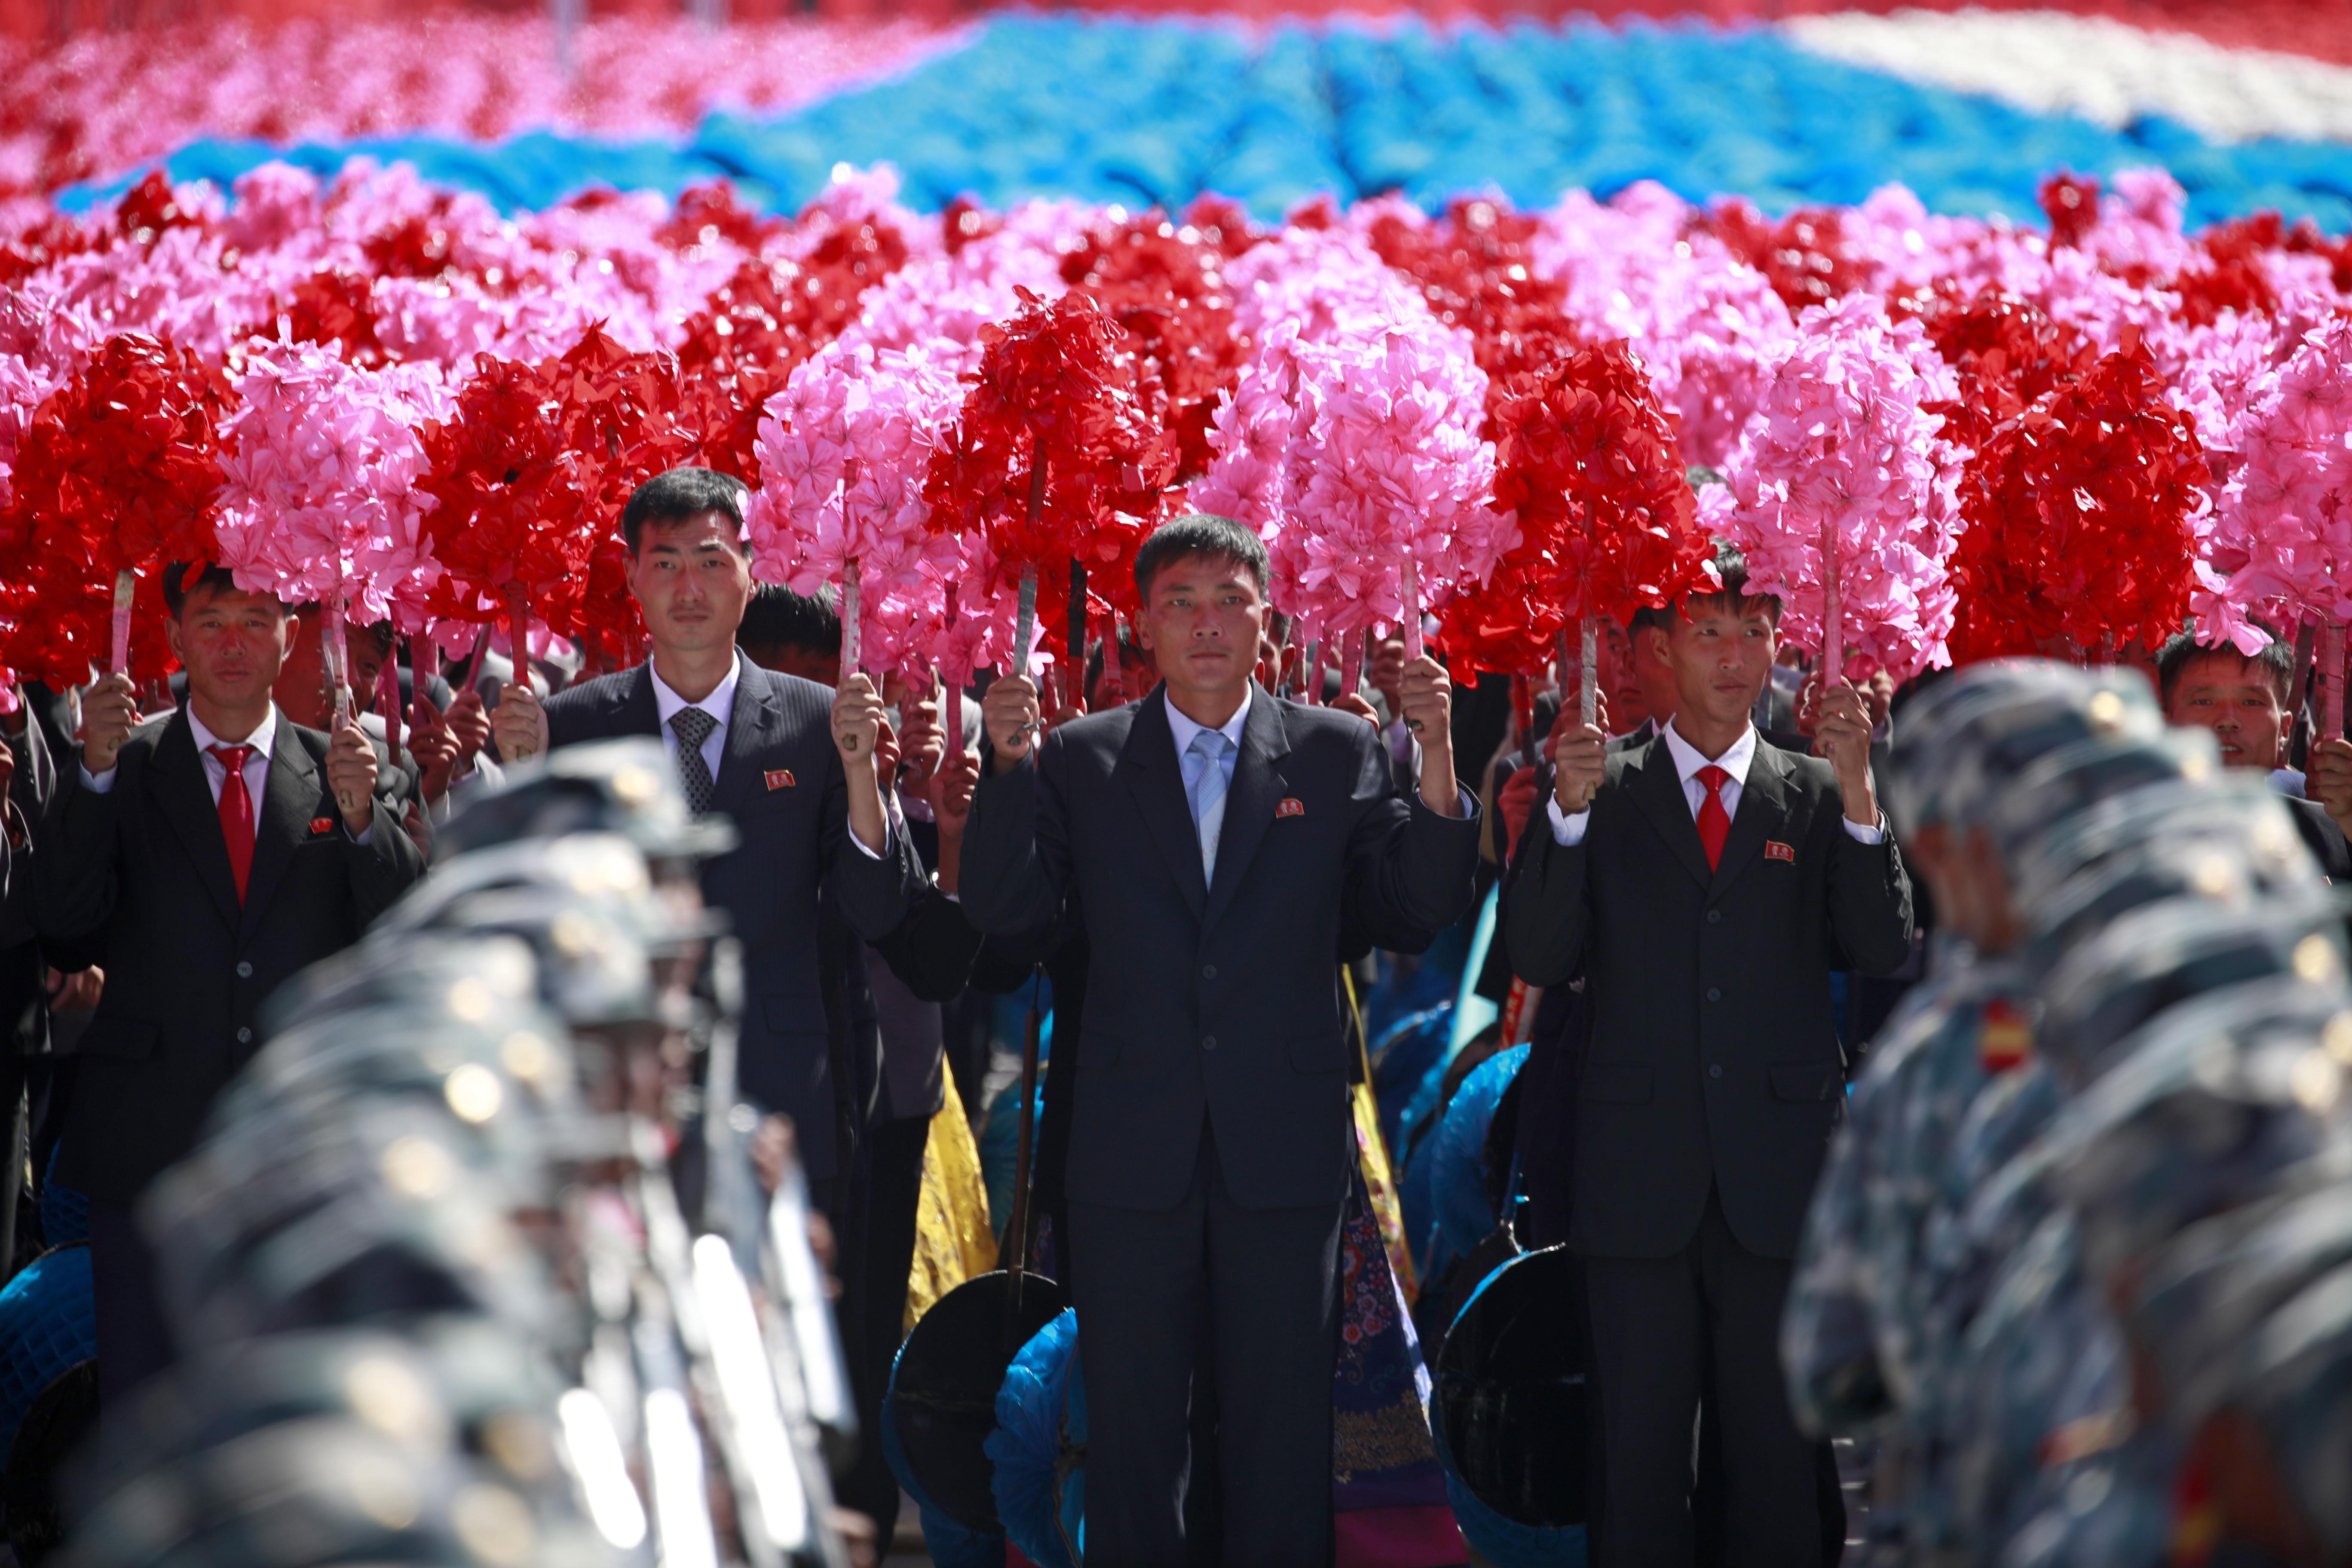 Sjeverna Koreja održala vojni mimohod bez balističkih raketa